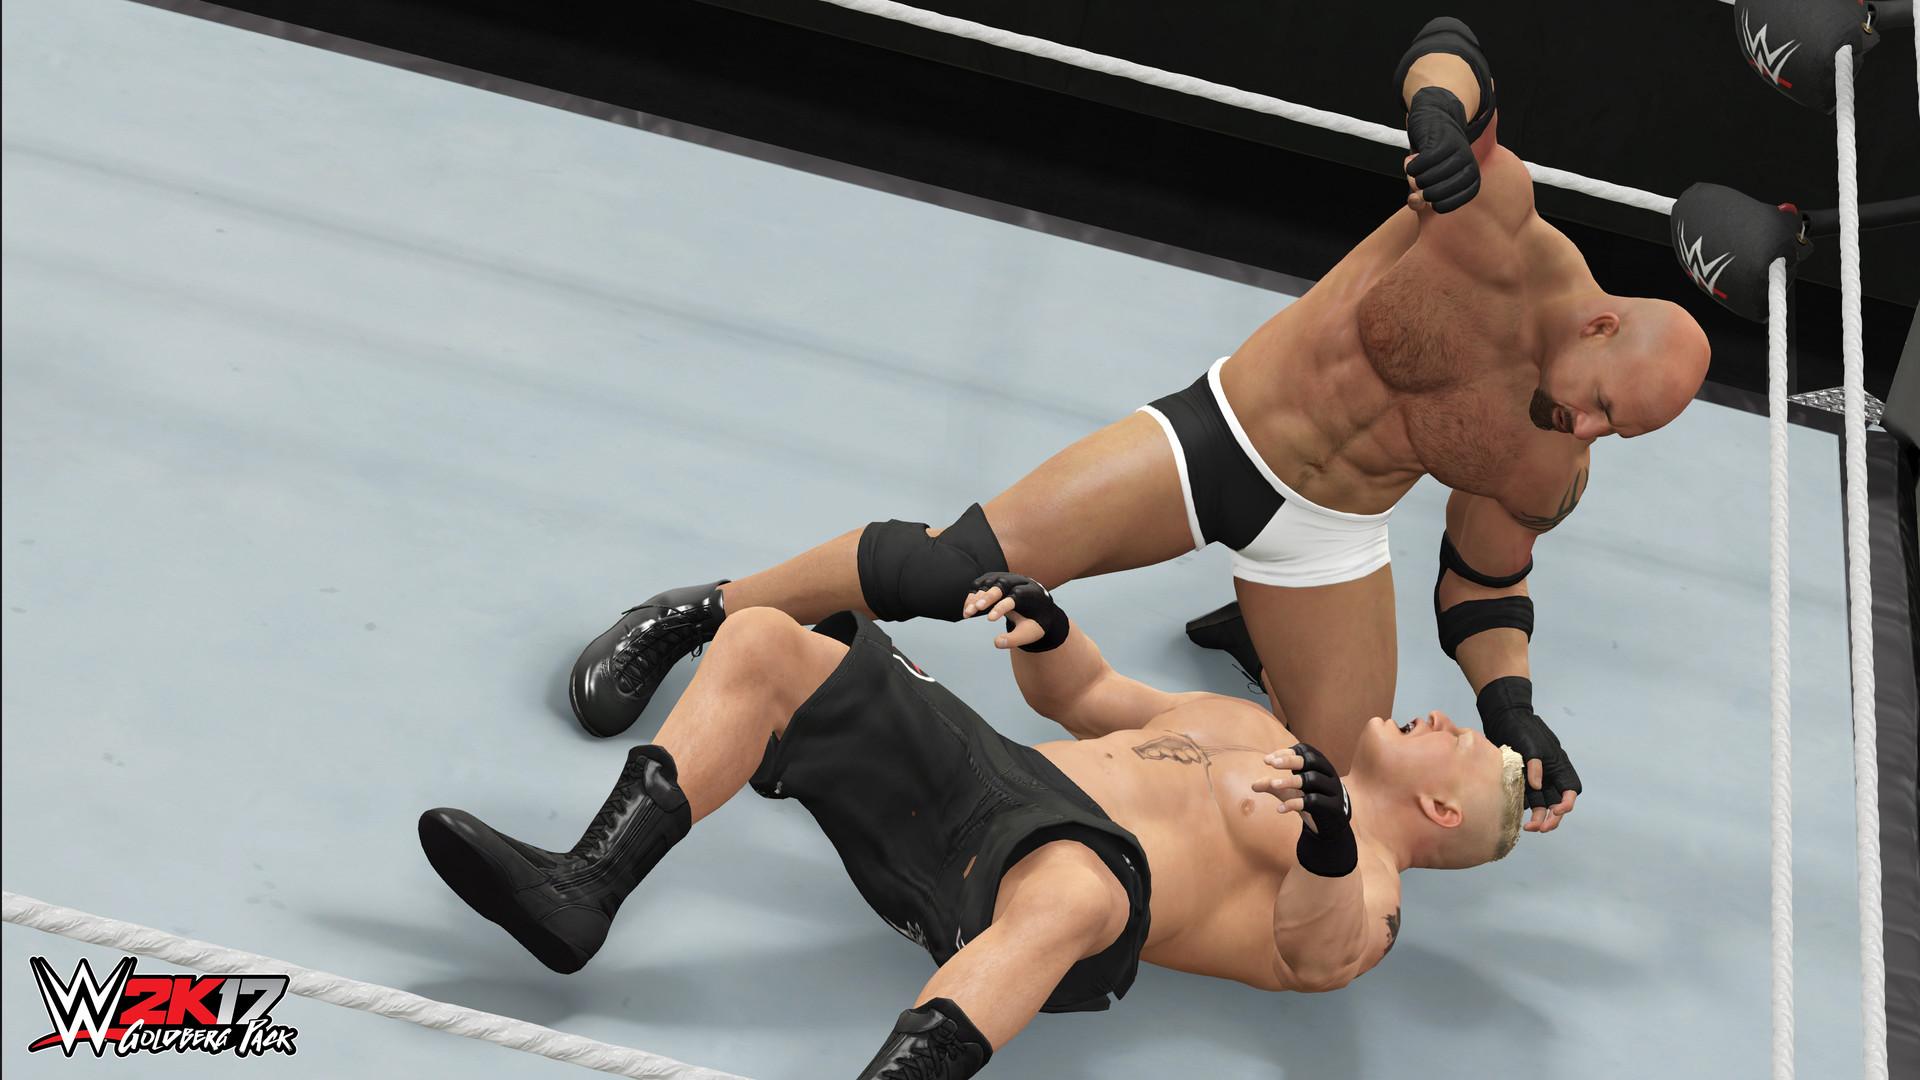 WWE 2K17 Screenshot 1